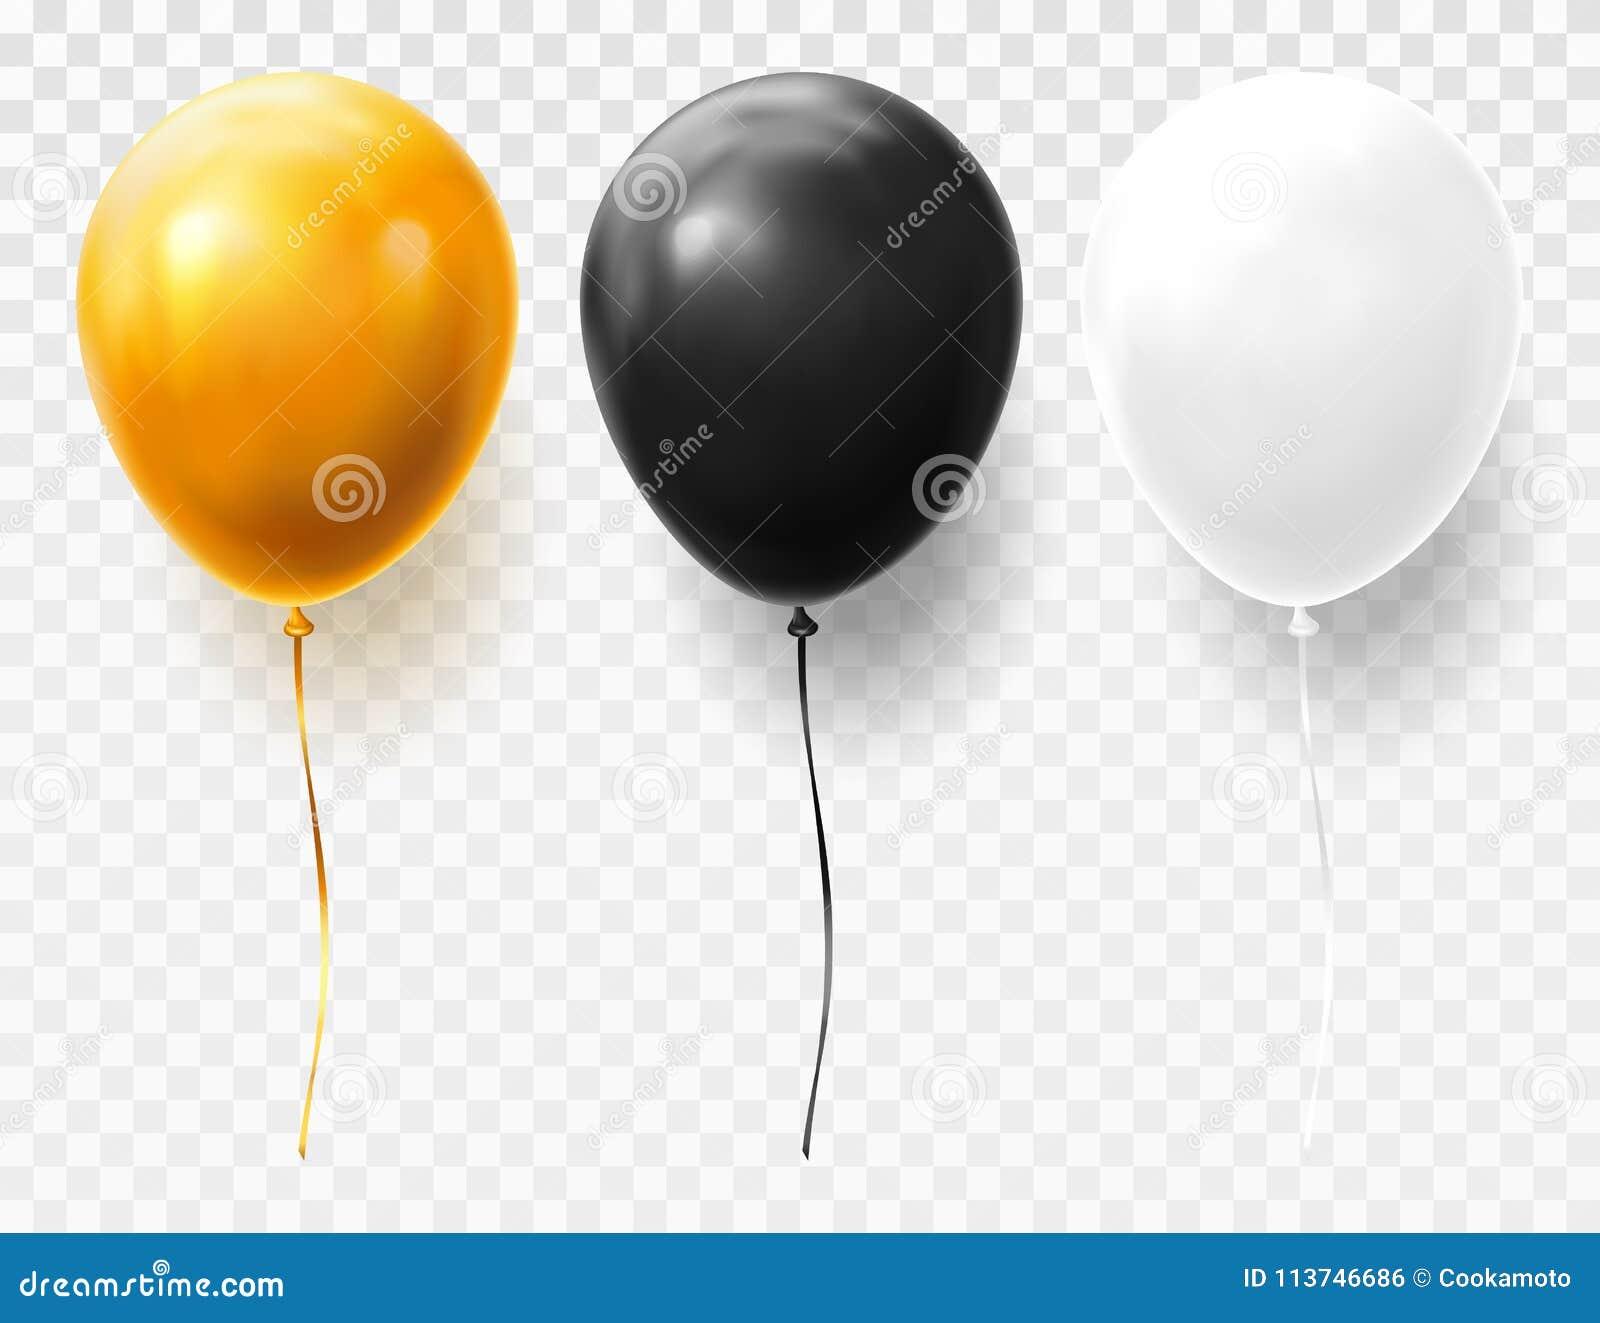 Realistische en volumetrische ballons op transparant